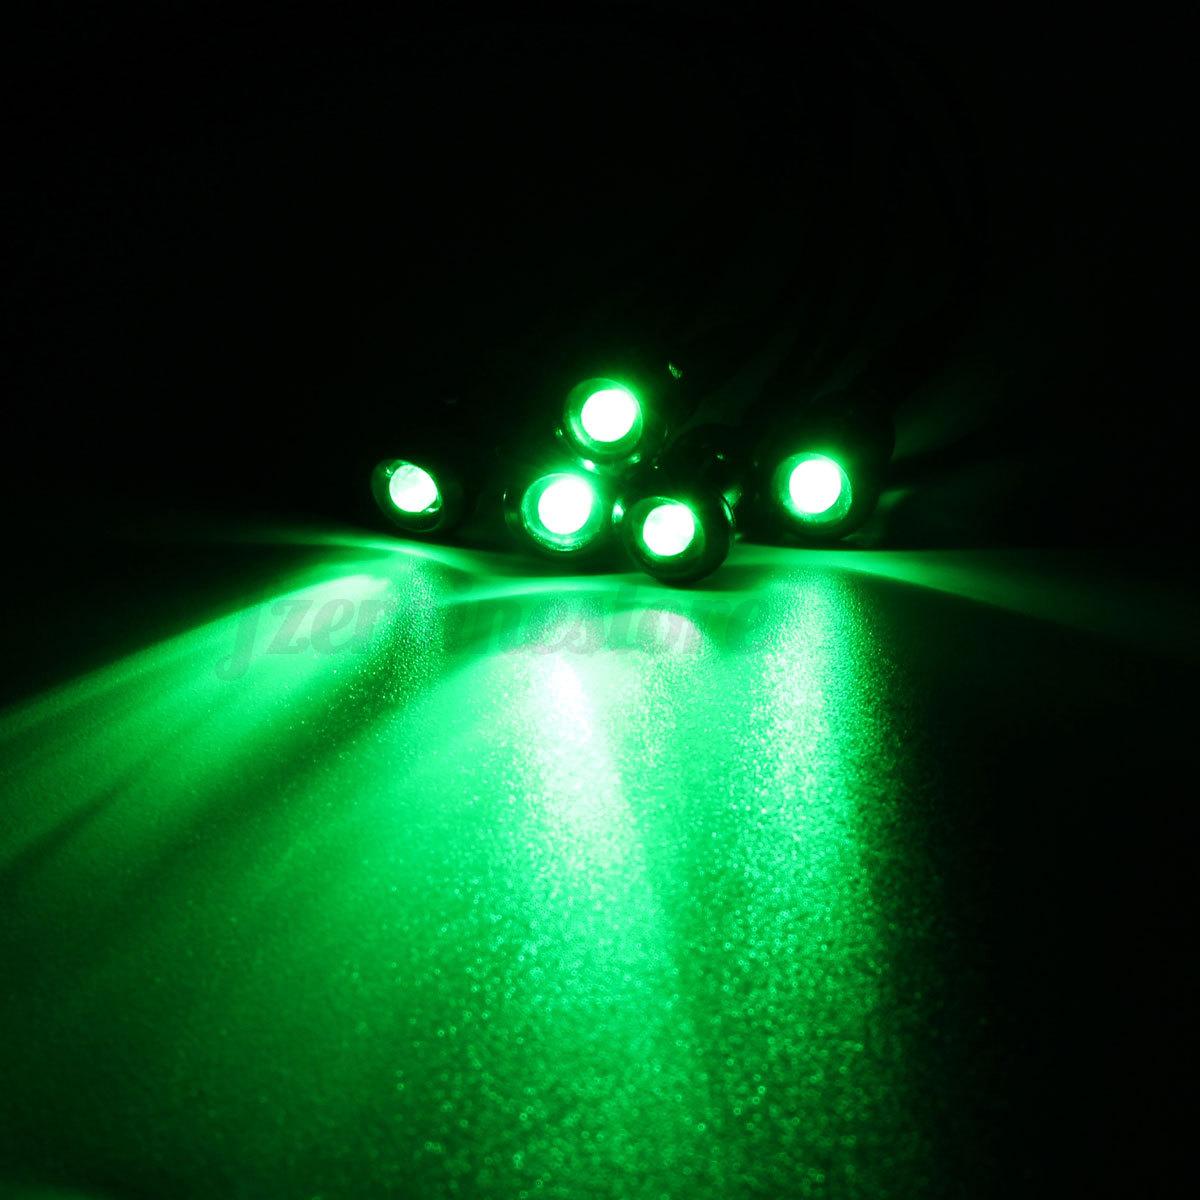 5x verkabelt 3mm Amber LED Lamp Leuchte + 200mm Kabel DC 12V 8 ...